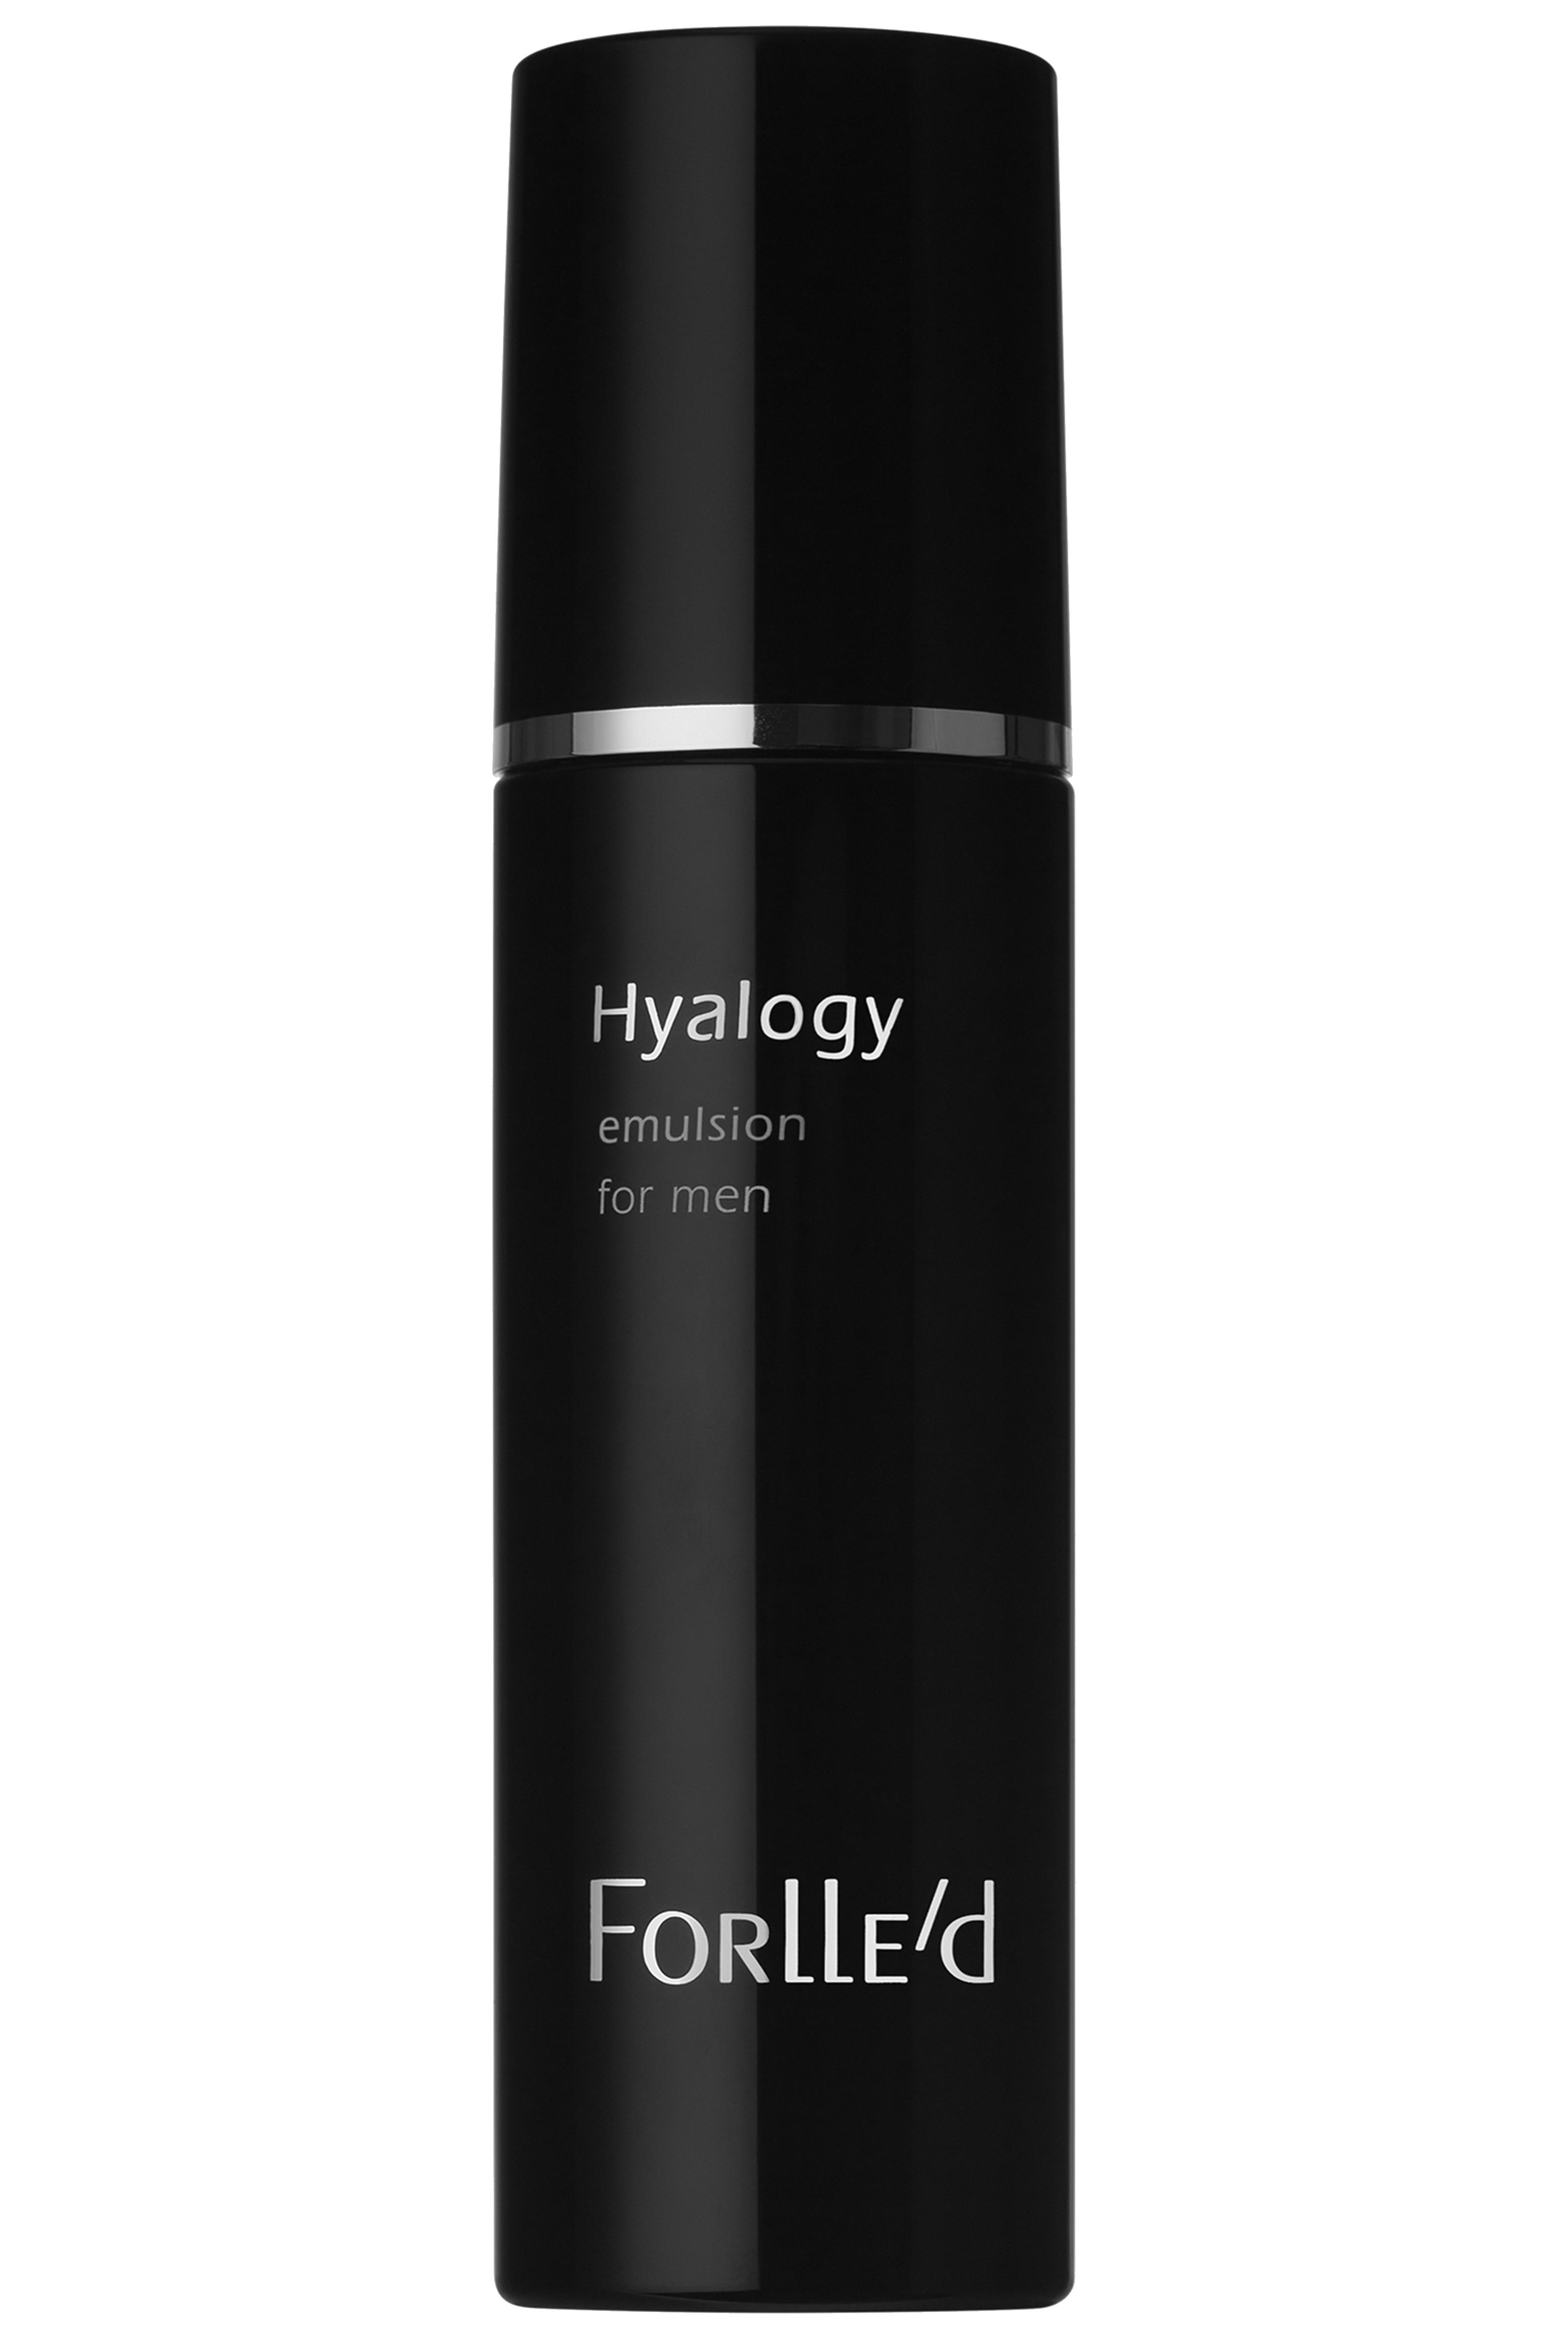 Hyalogy Emulsion for Men